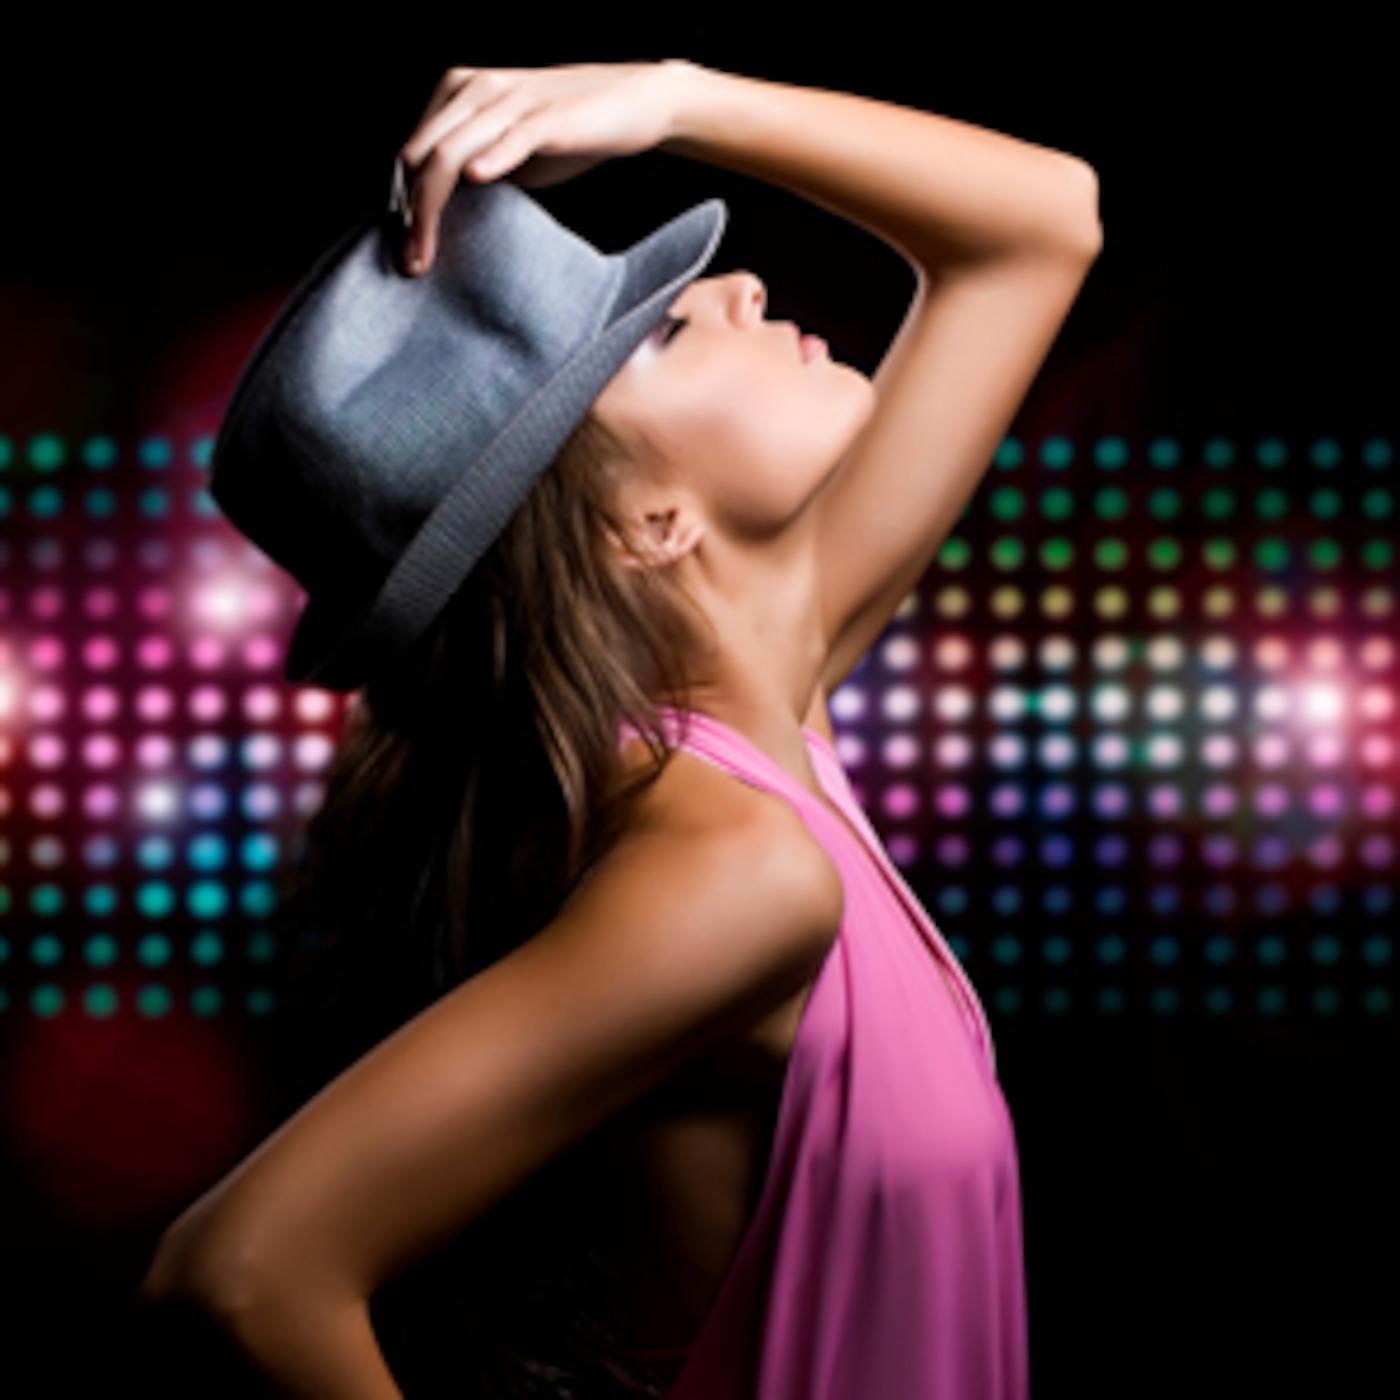 Секс на танцполе смотреть онлайн 1 фотография